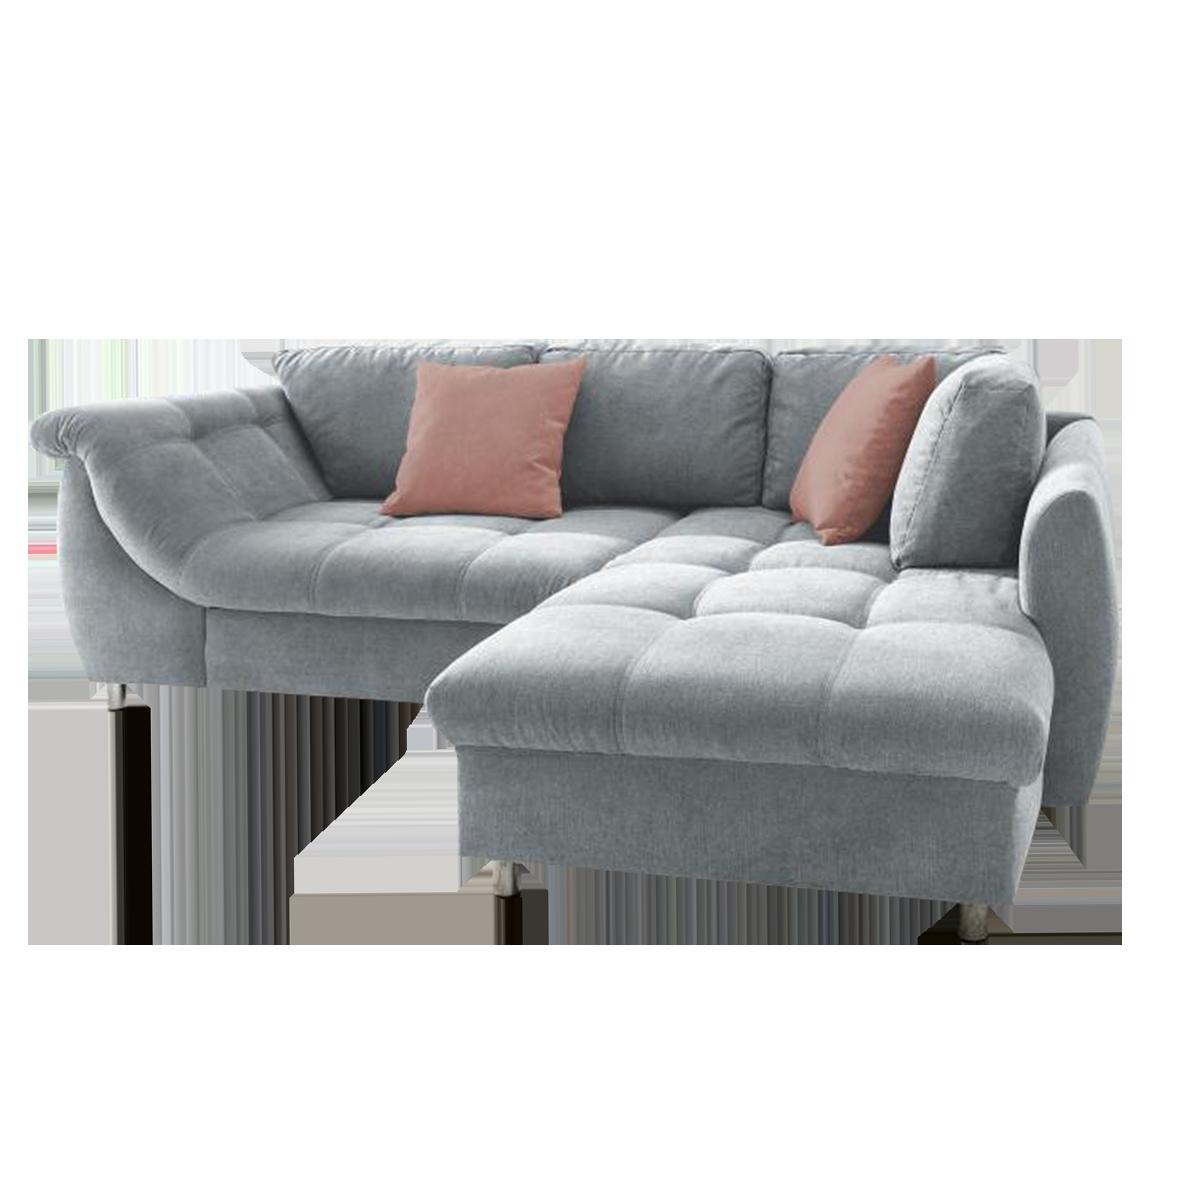 Full Size of Ecksofa Grau Apollo Liegefunktion Gstebett Schlafsofa Zierkissen Bett Ausklappbar Ausklappbares Wohnzimmer Couch Ausklappbar